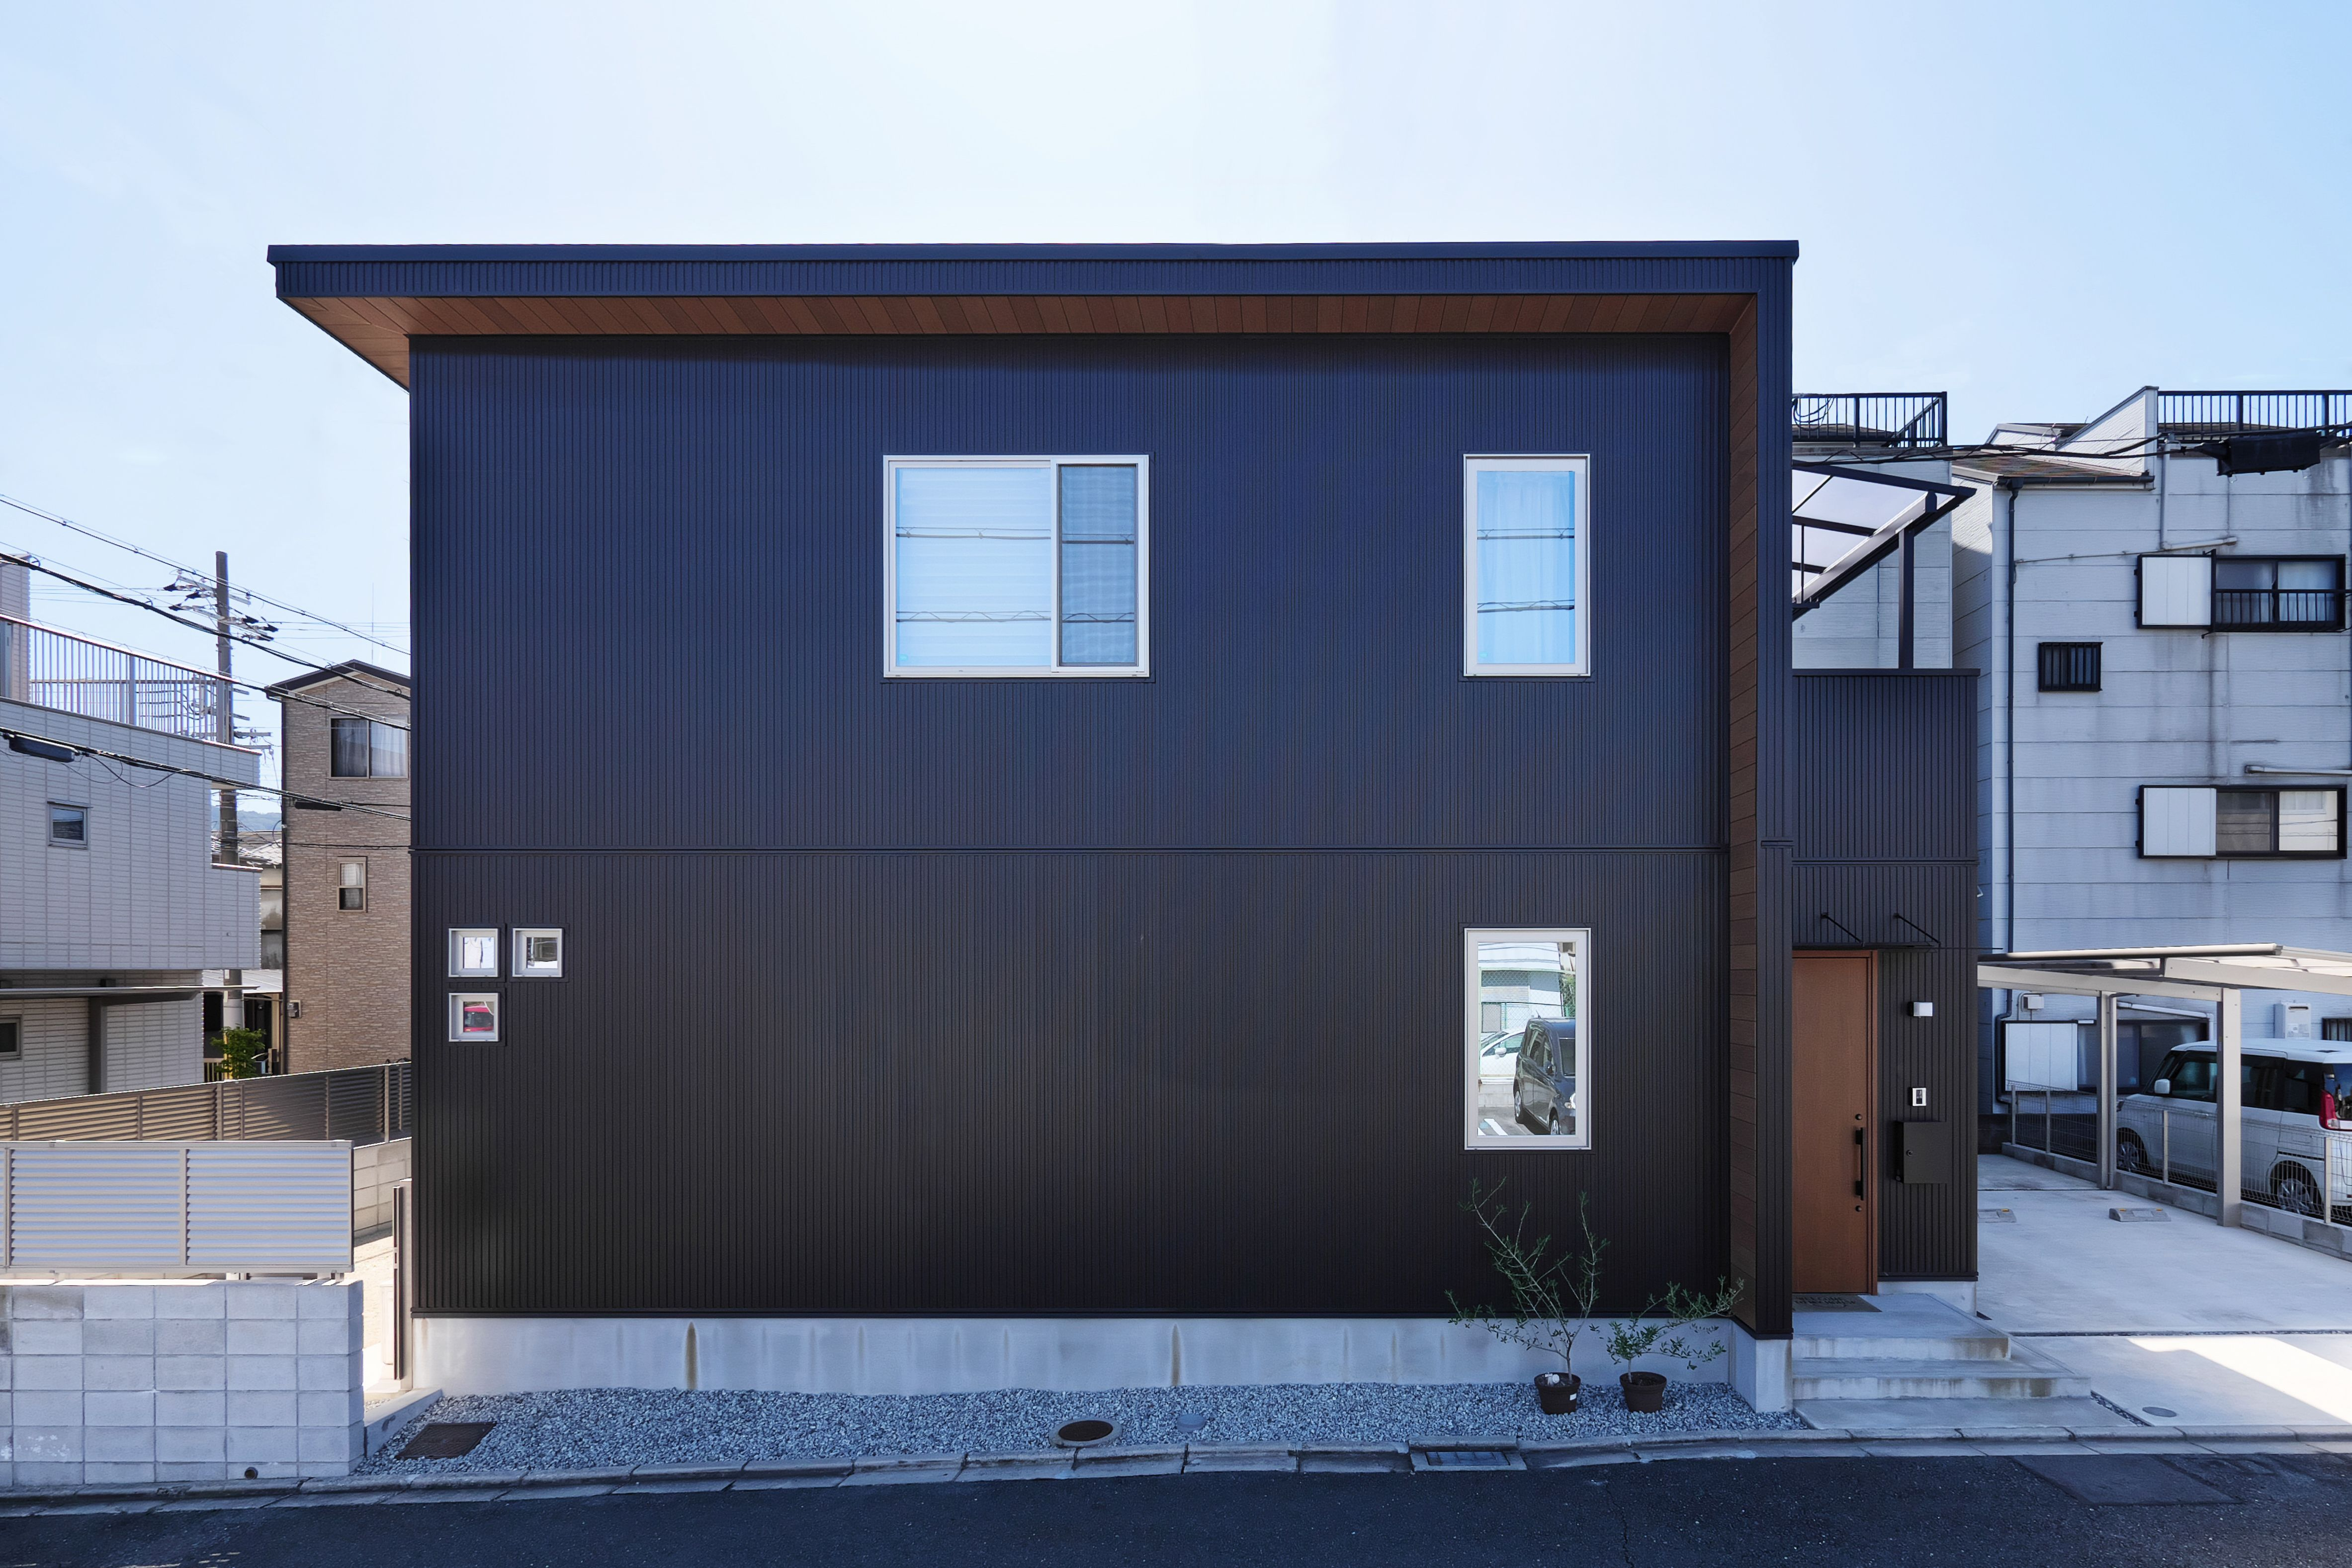 シンプルなキューブ型の外観に木調サイディングを施したl字型の軒が